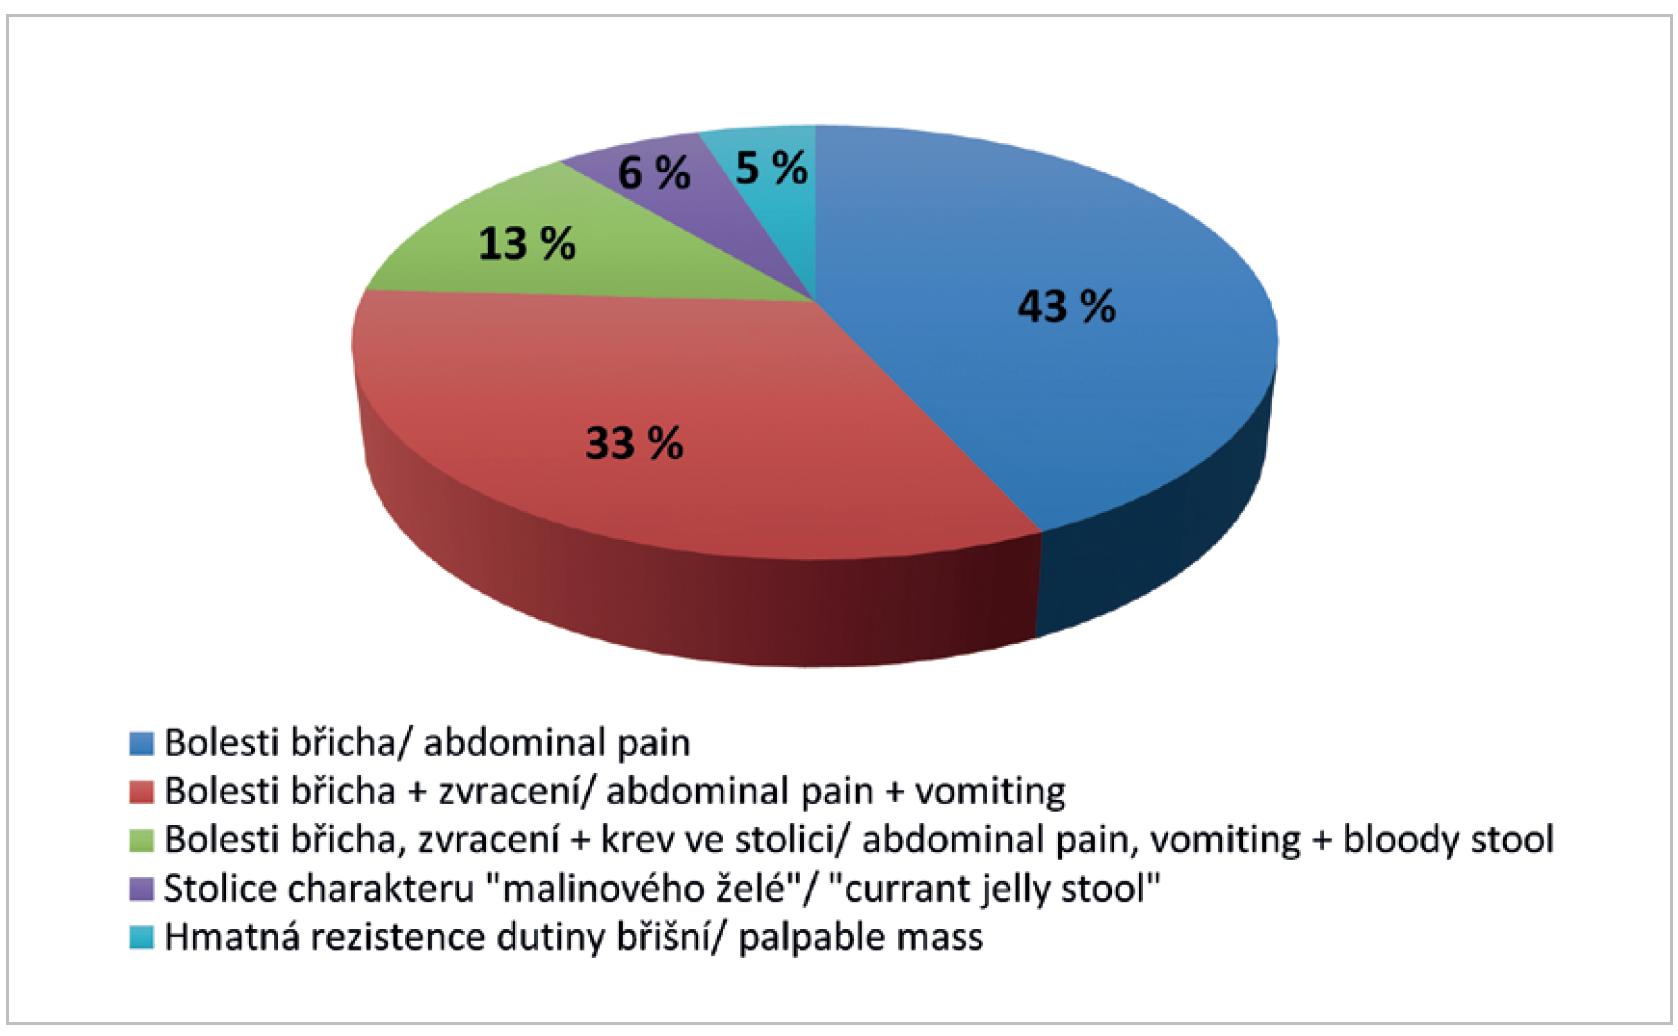 Symptomy <br> Graph 1: Symptoms